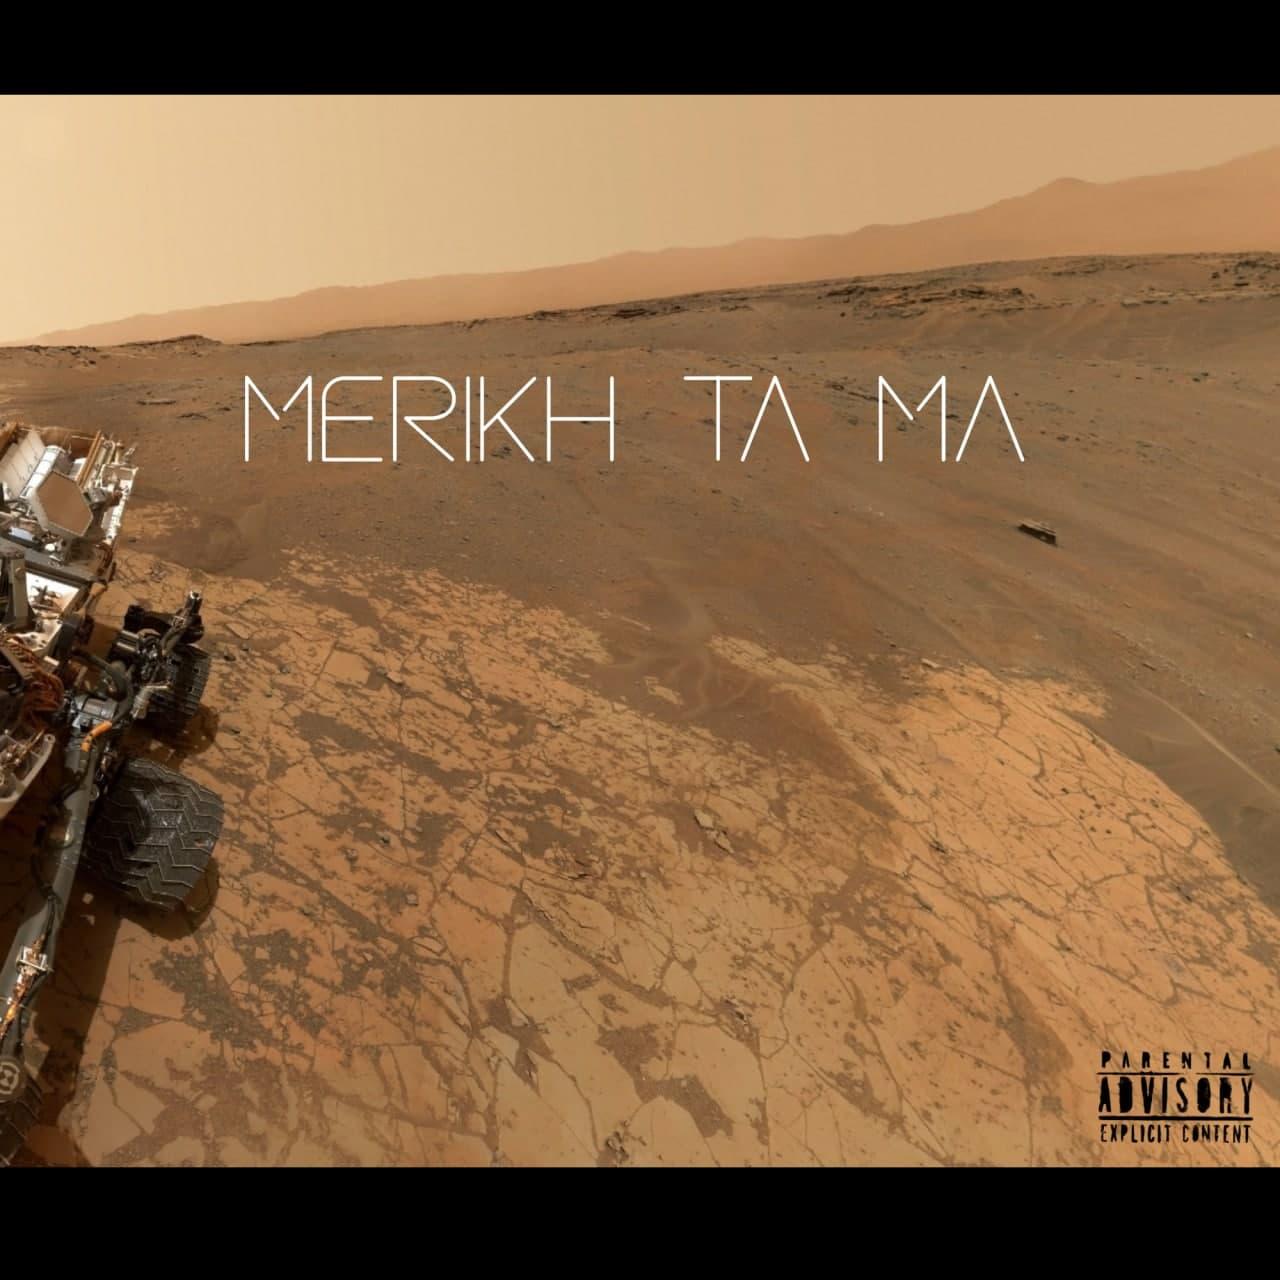 دانلود آهنگ مریخ تا ما  اِی و لامسه و یانگ مون